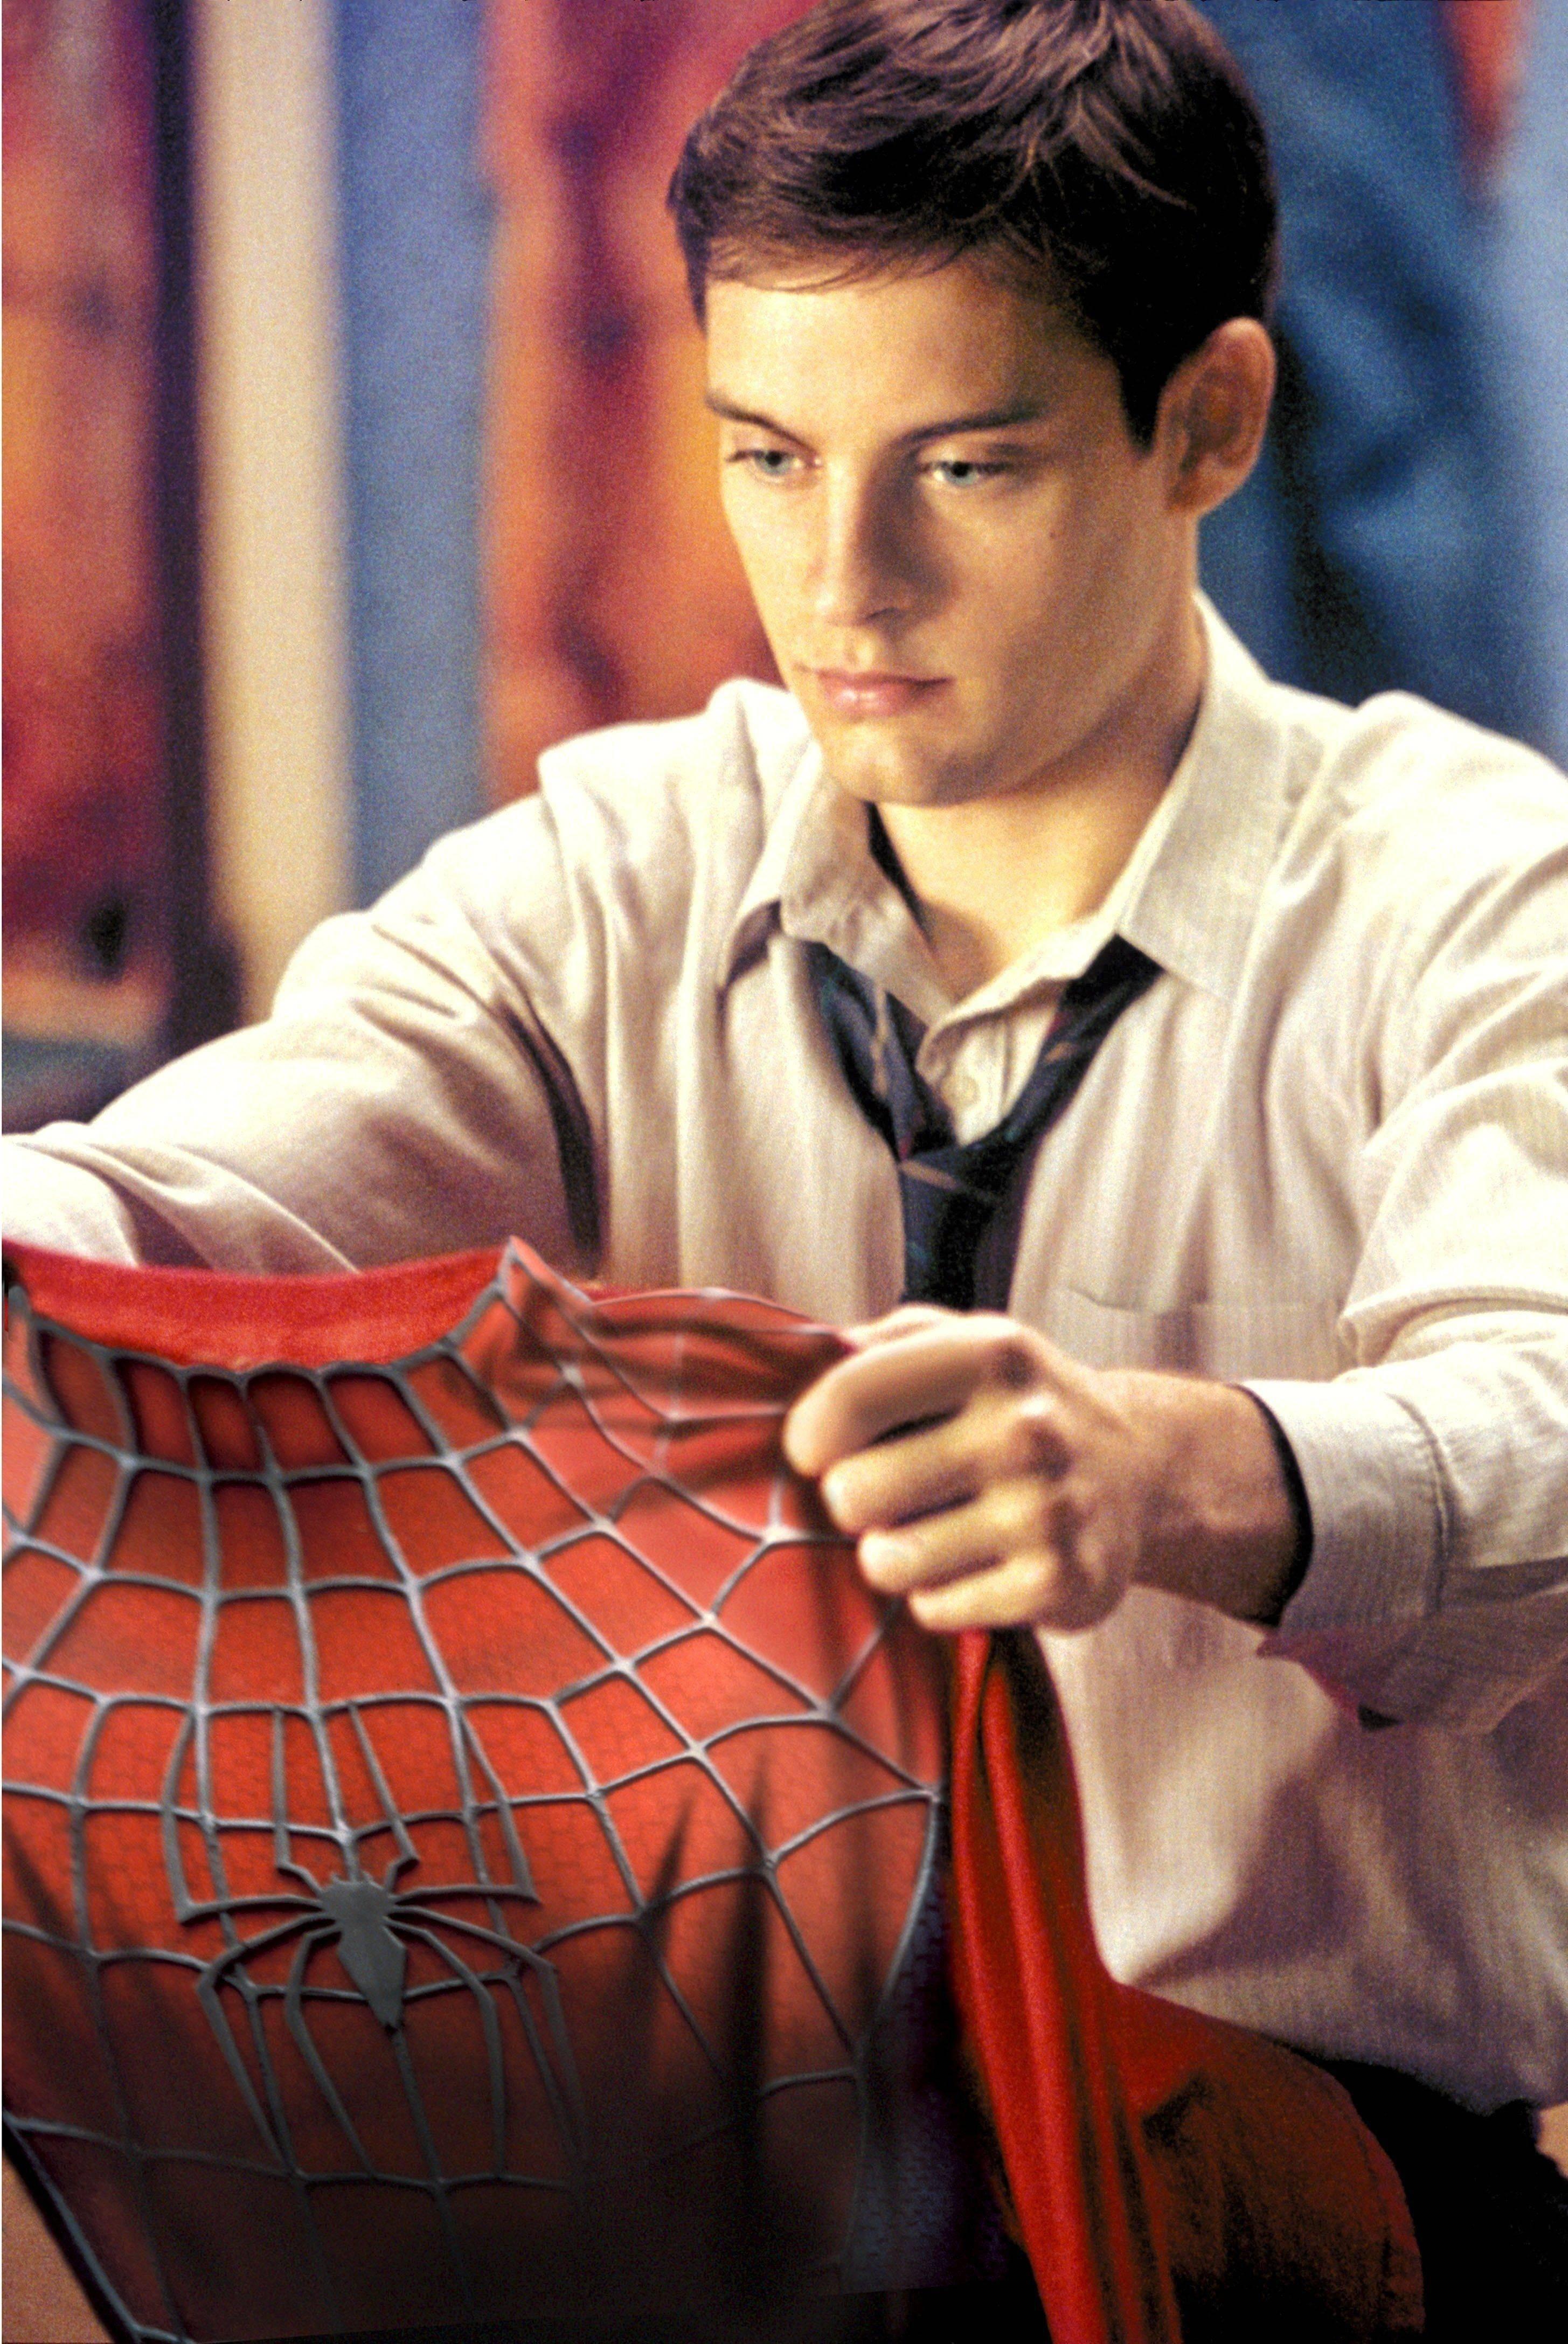 Spider-Man (Spider-Man Films)